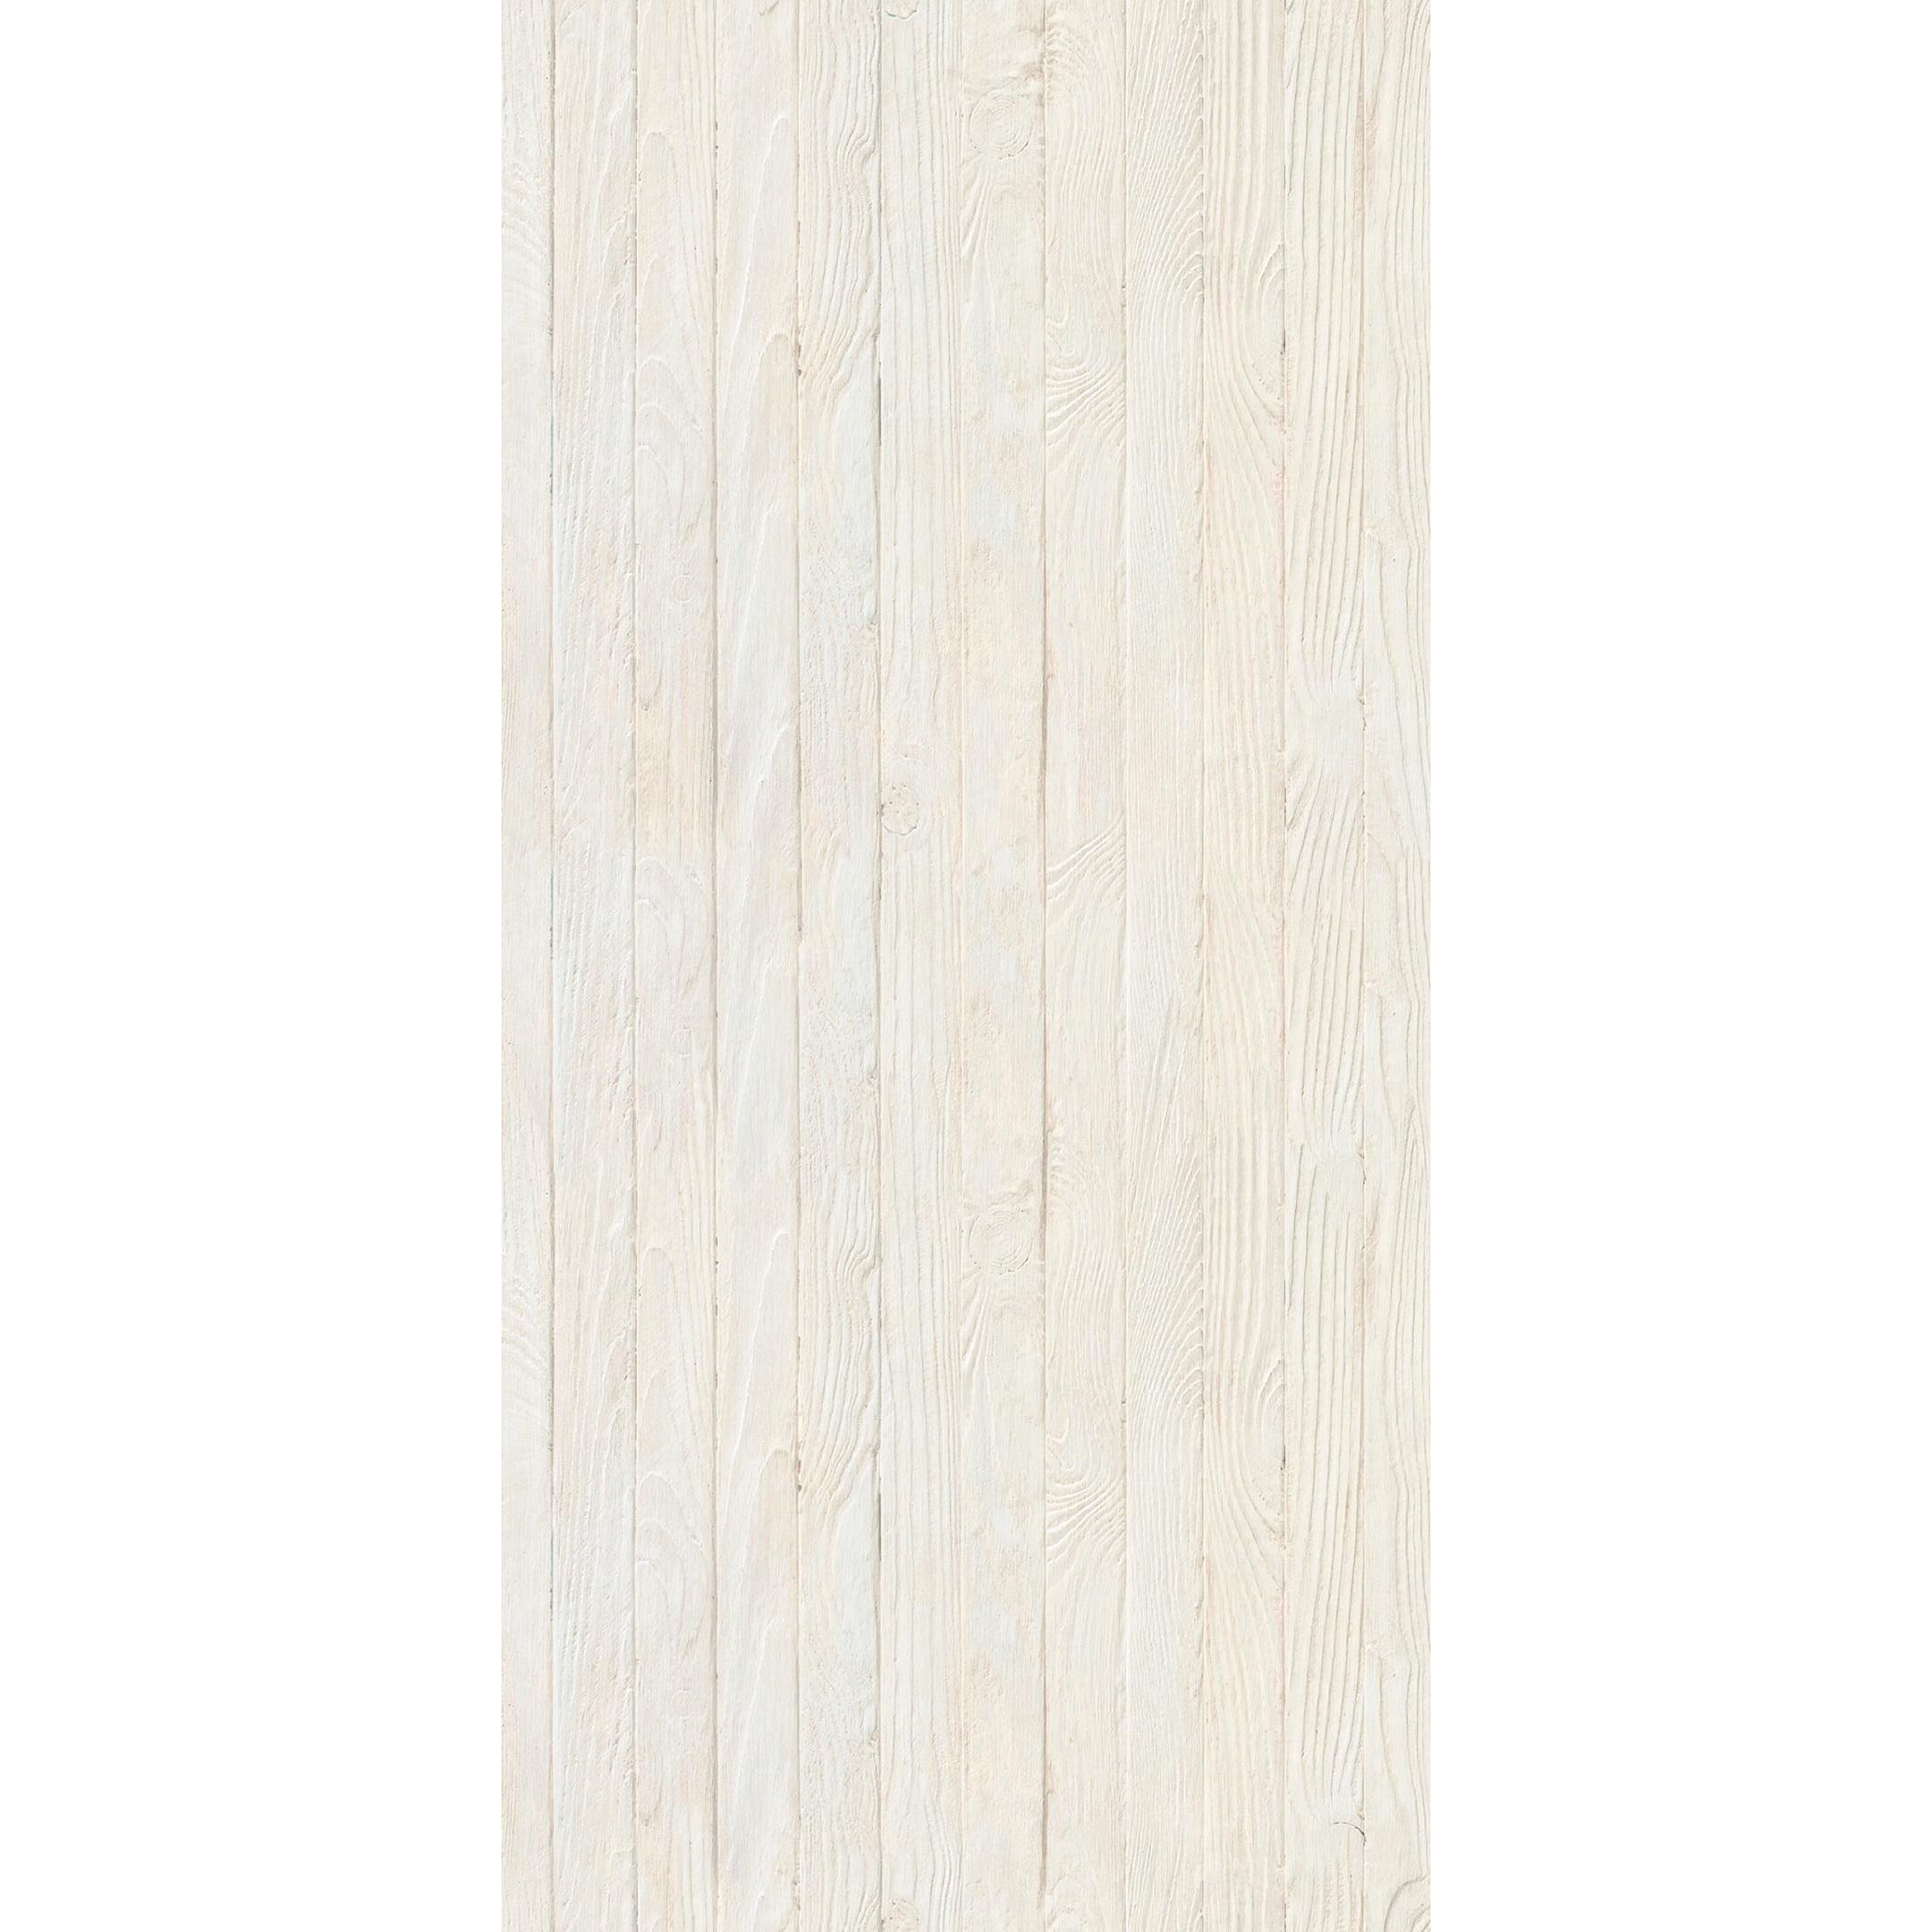 Панель ПВХ 250х2700х8 мм Nordside Рейка белая термопечать стоимость